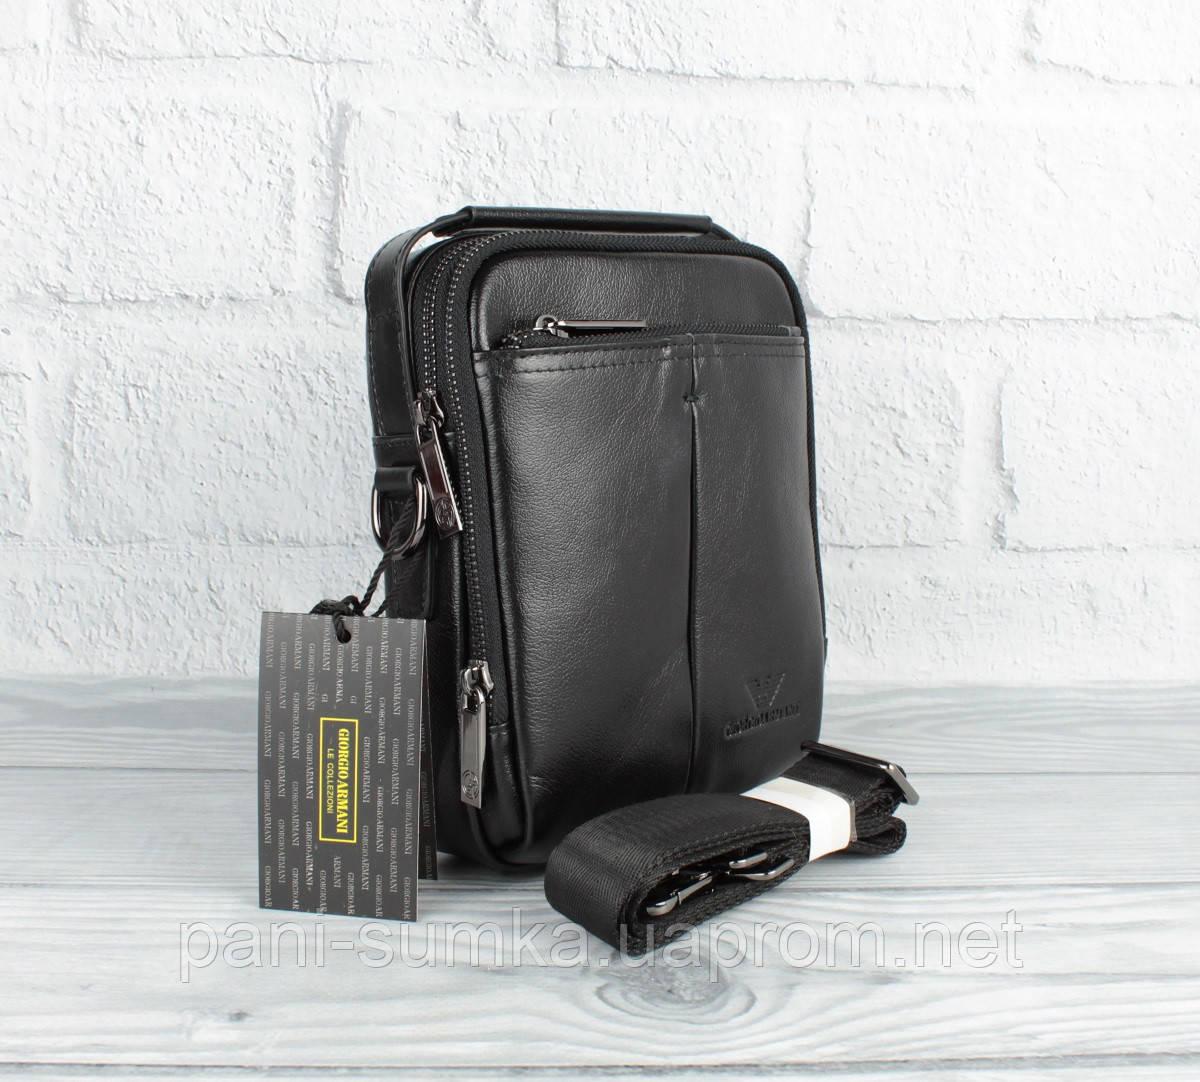 Малая сумка мужская, борсетка кожаная Giorgio Armani 18-1124-5 черная (копия)